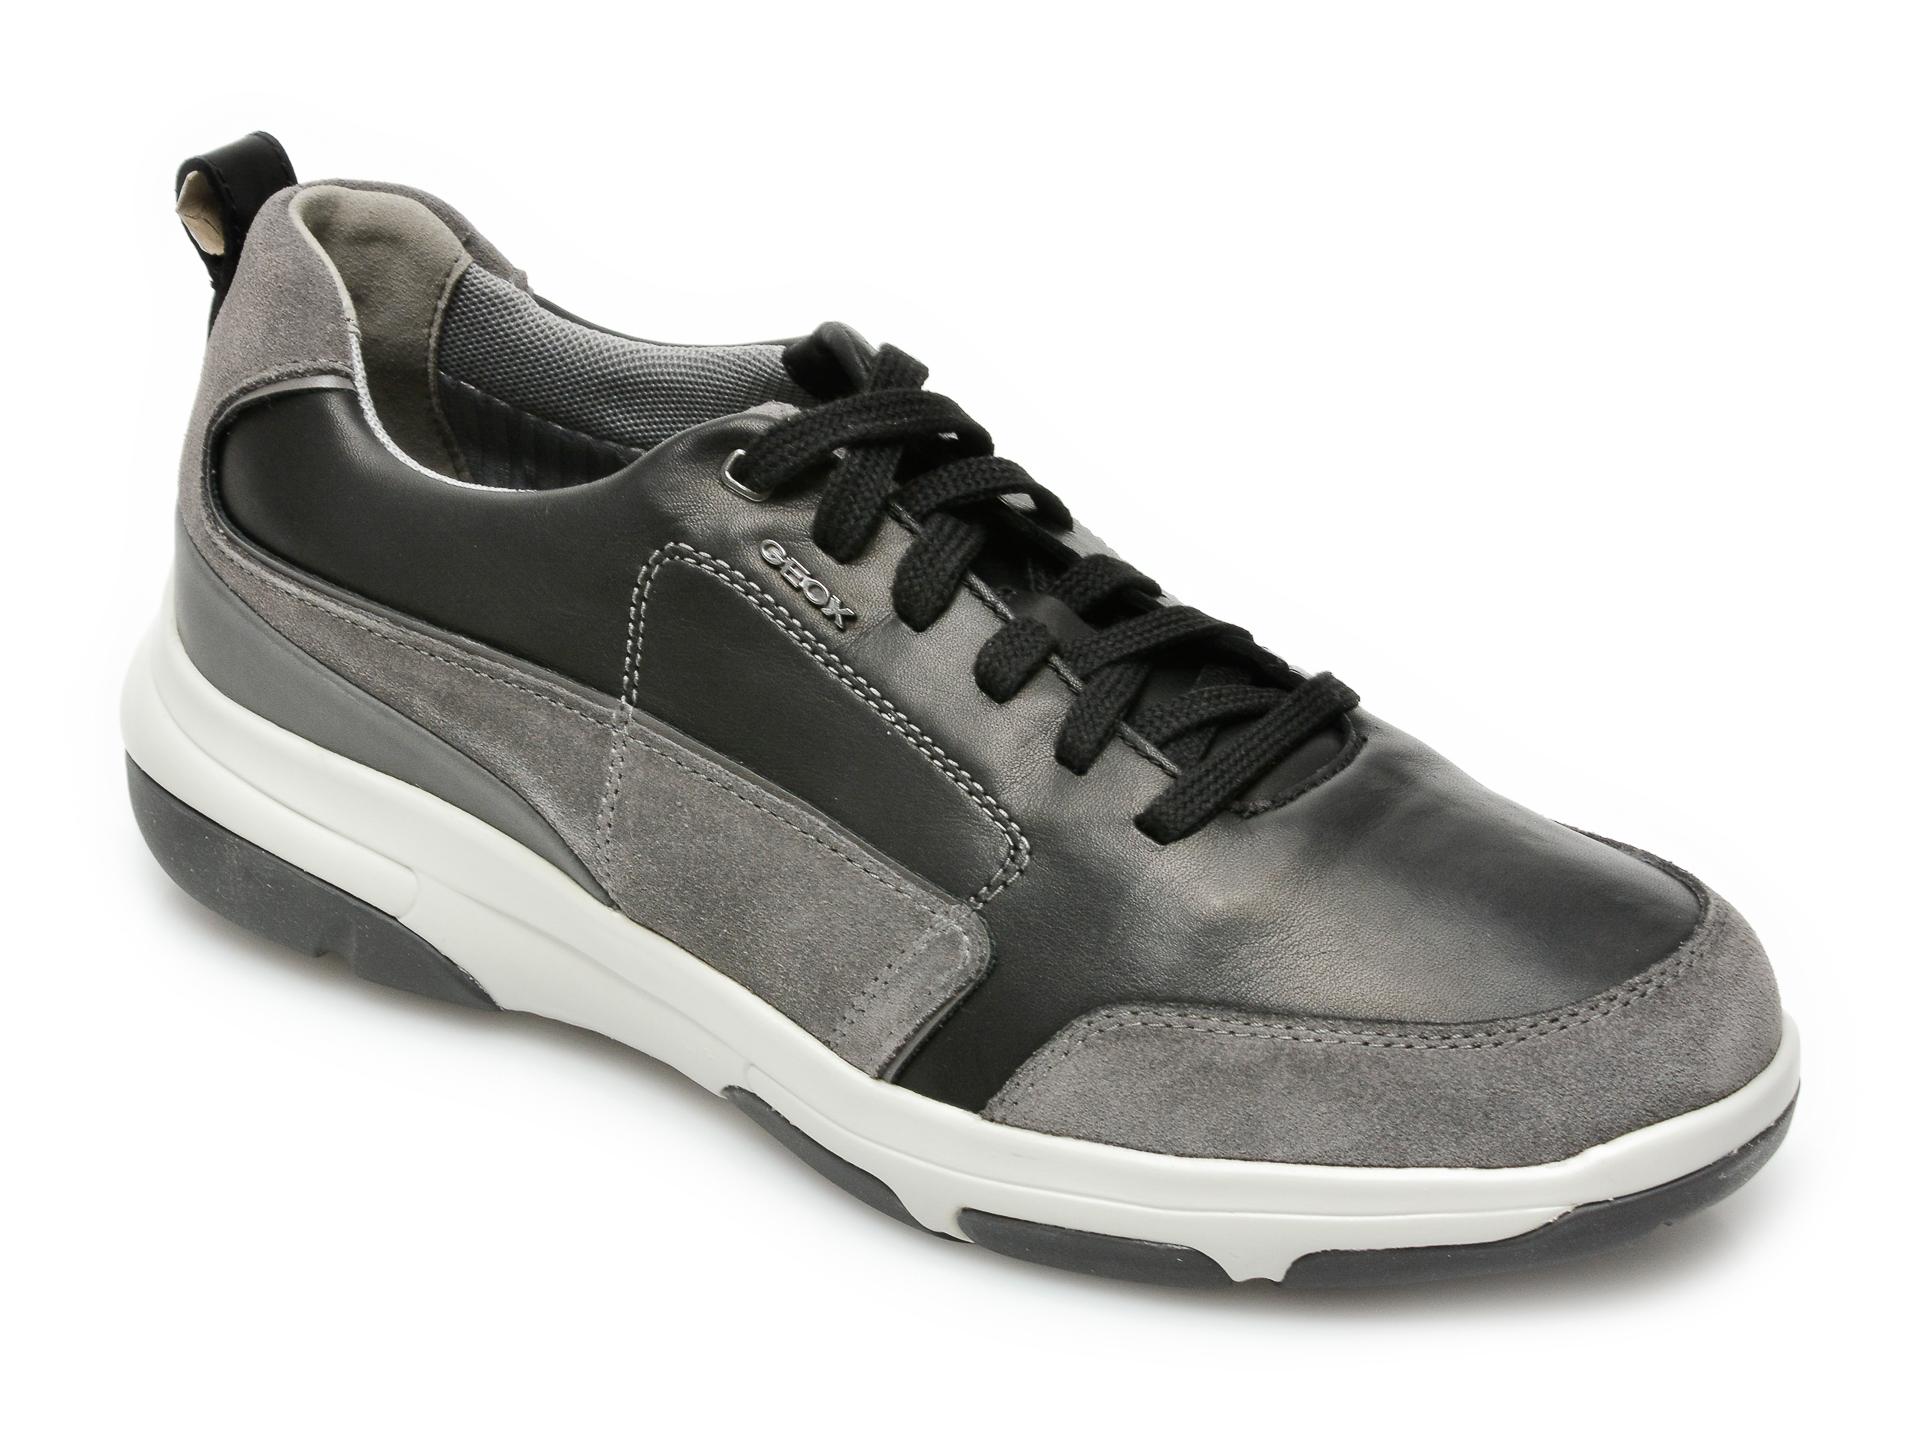 Pantofi sport GEOX negri, U15C0A, din piele naturala imagine